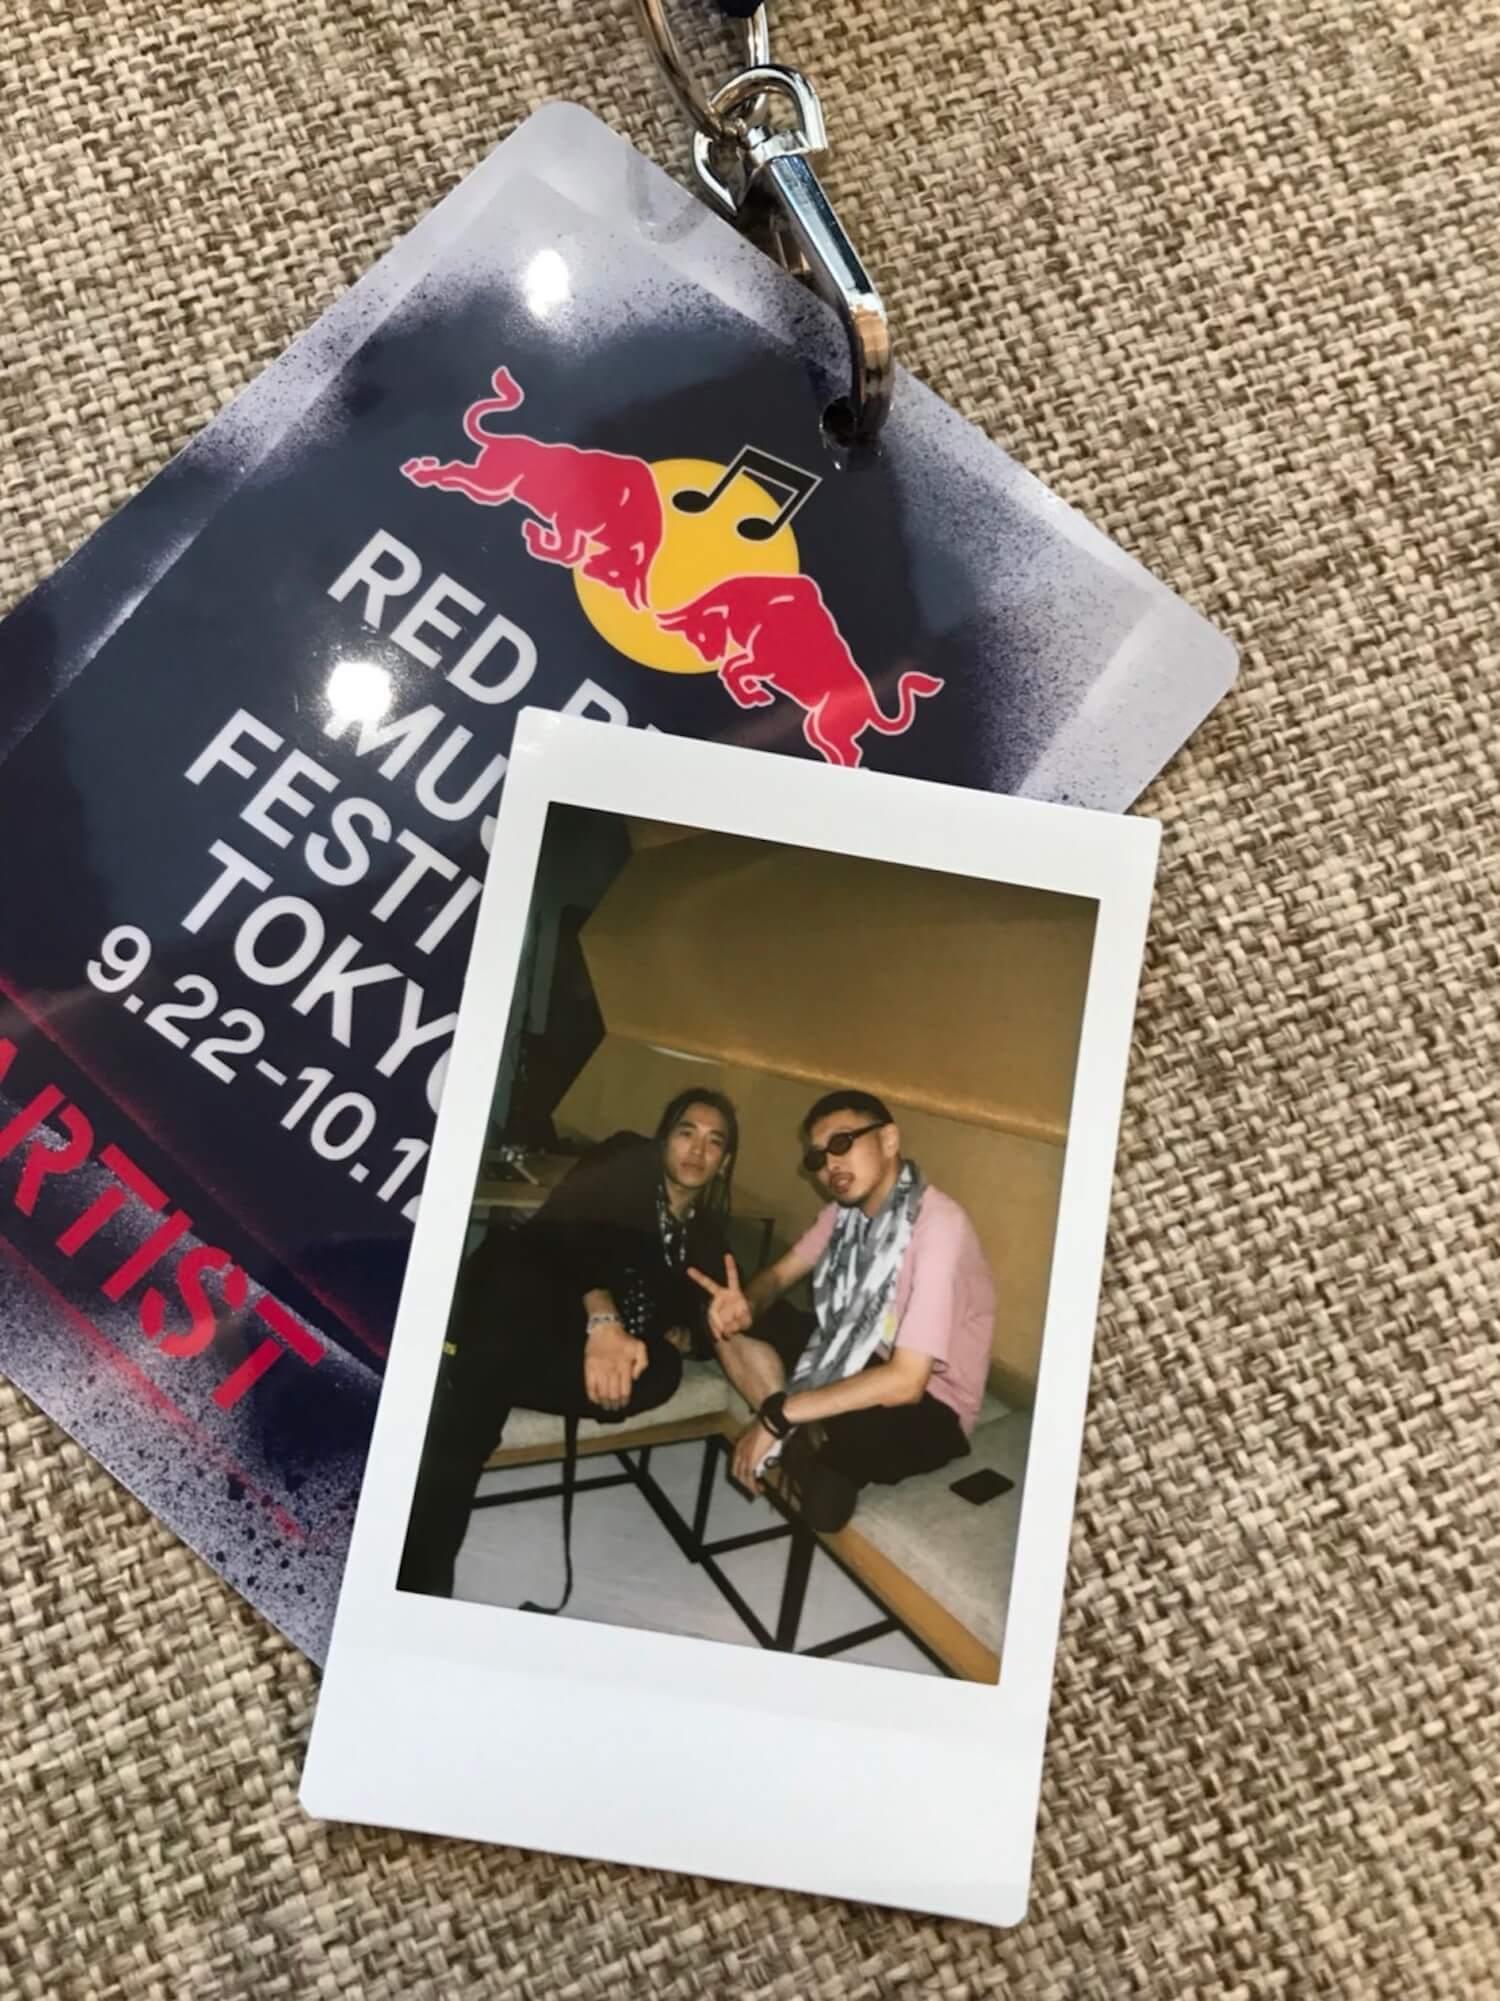 【フォトレポ】RED BULL MUSIC FESTIVAL TOKYO 2018|「Plug」by YENTOWN red-bull-music-festival-tokyo-2018-plug-yentown-9